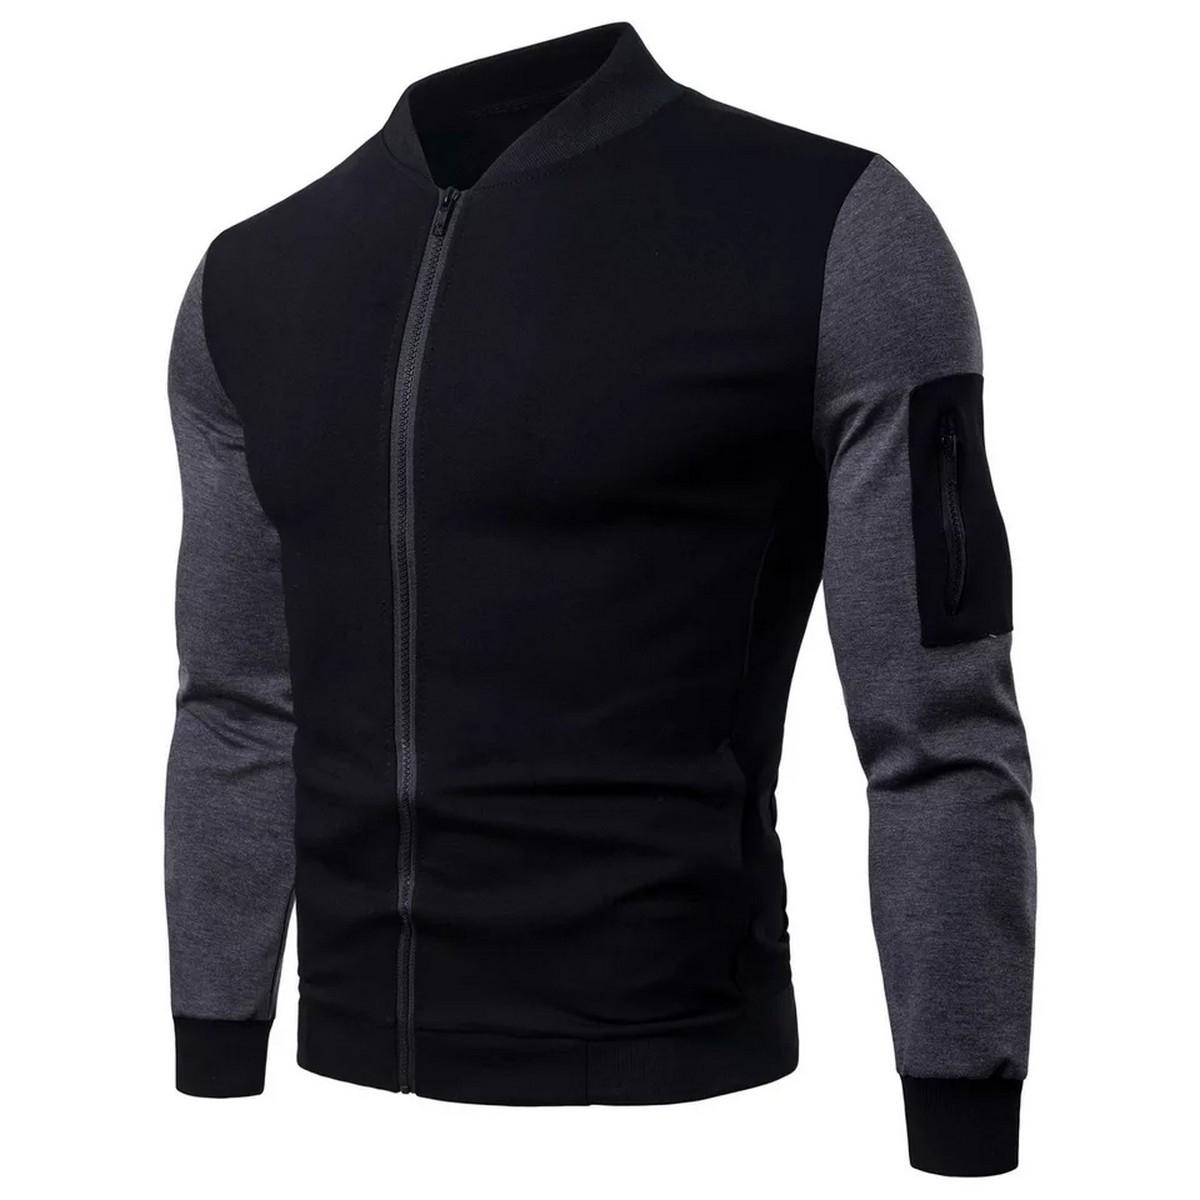 Designer Black Zipper Contrast Sleeves Jacket For Men